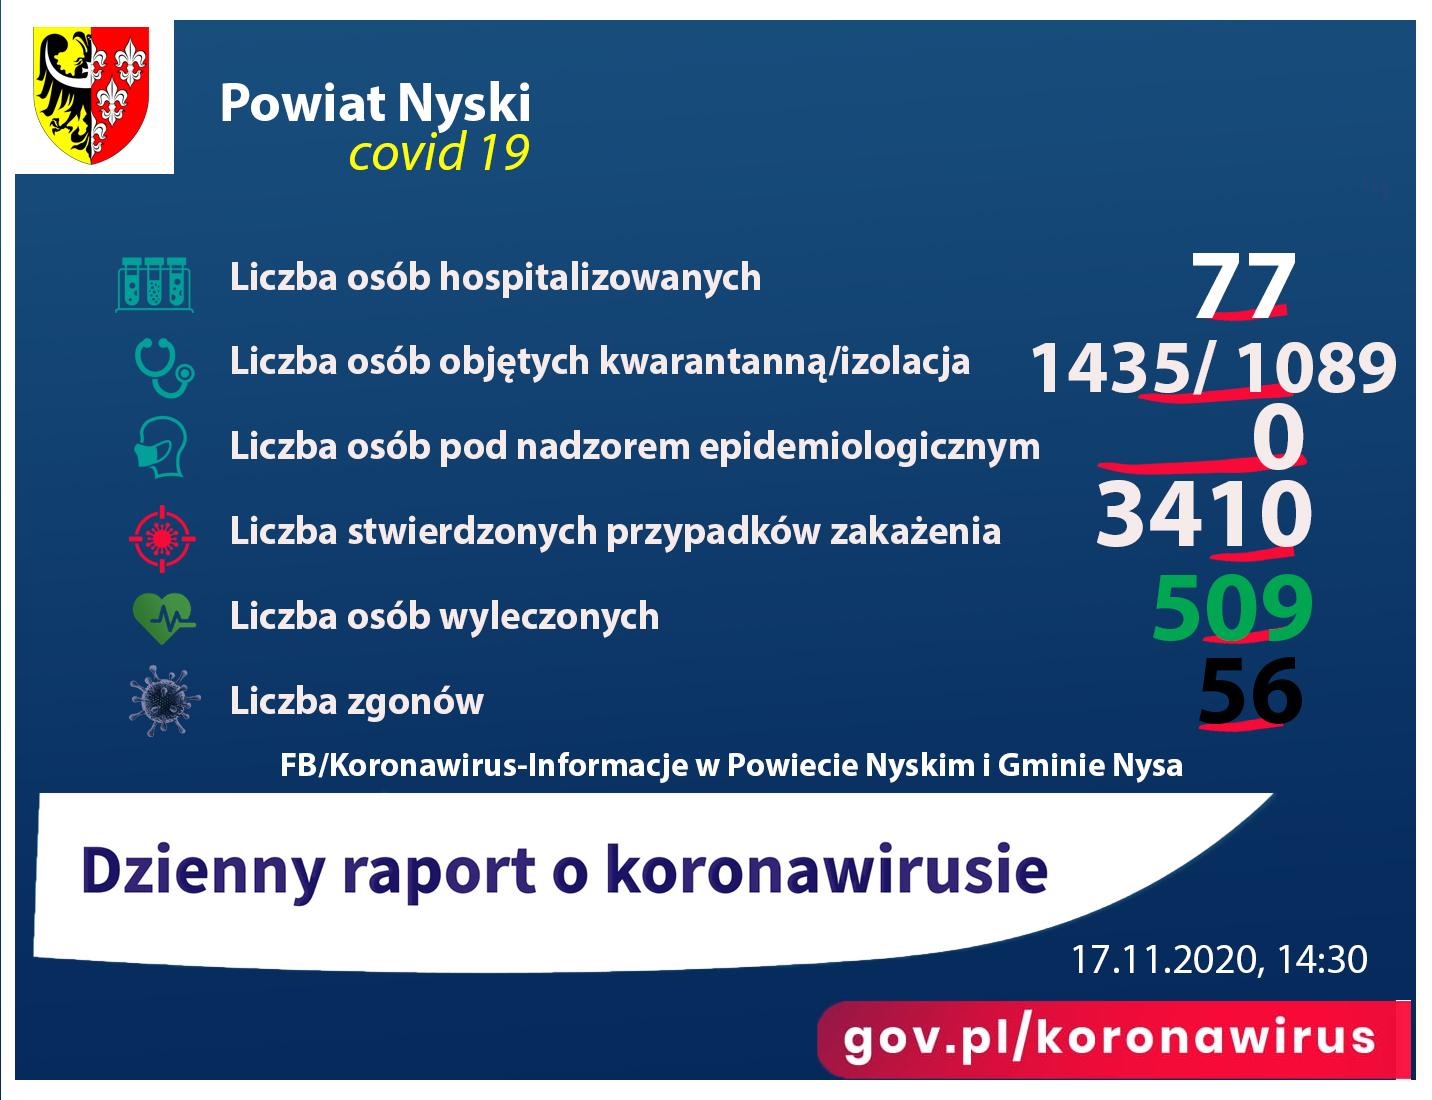 Liczba osób zakażonych 3410, hospitalizowanych - 77, ozdrowieńców - 509, zgonów 54